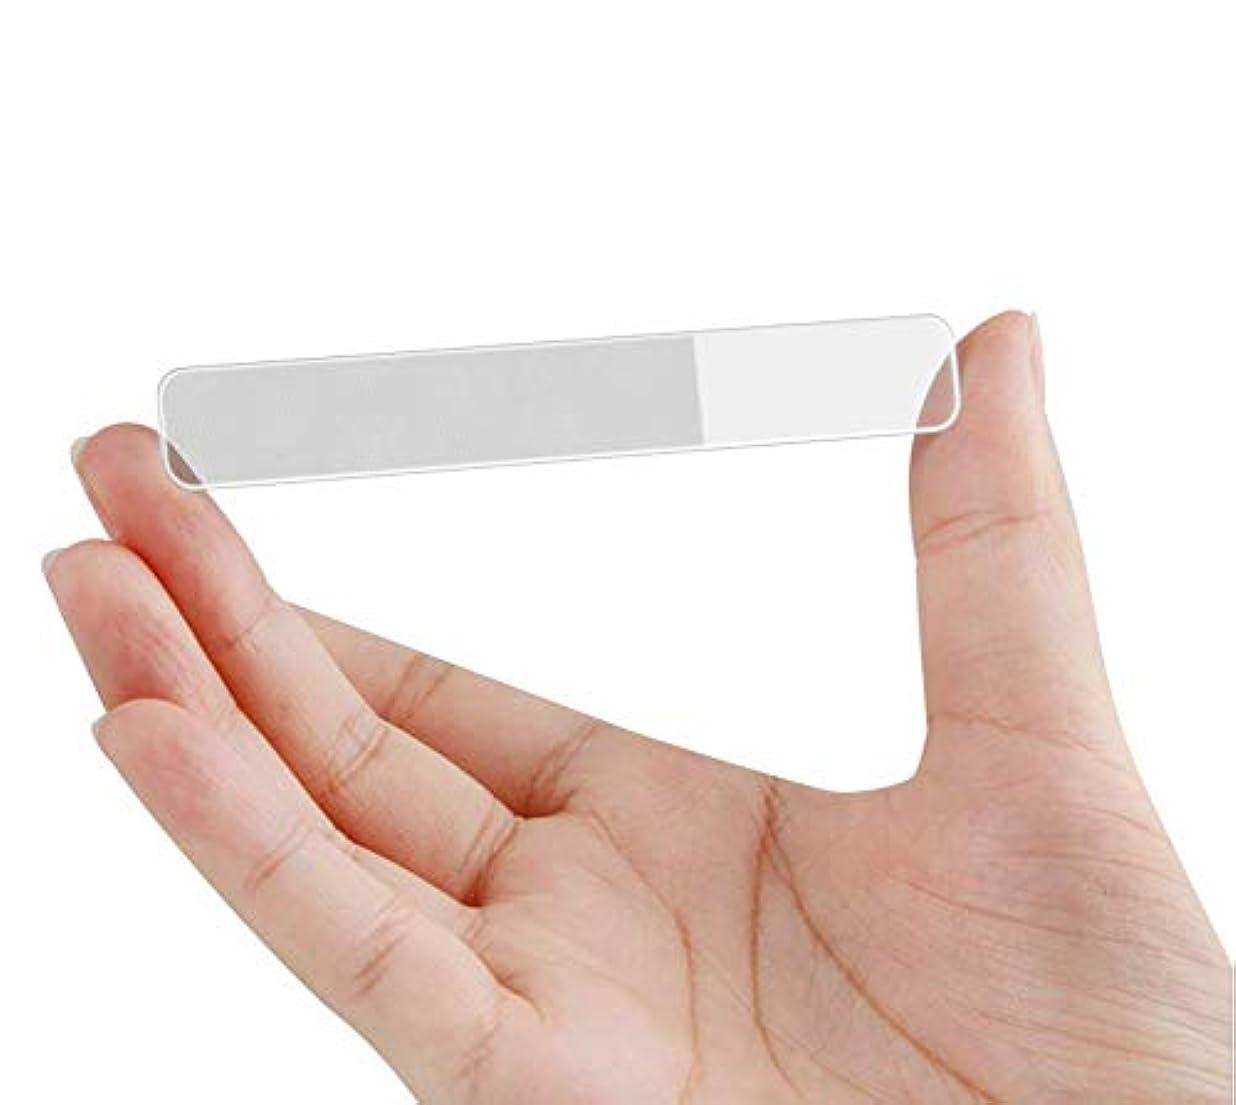 結婚式銃聡明MX 爪やすり 爪磨き ガラス製 (スタイル A)